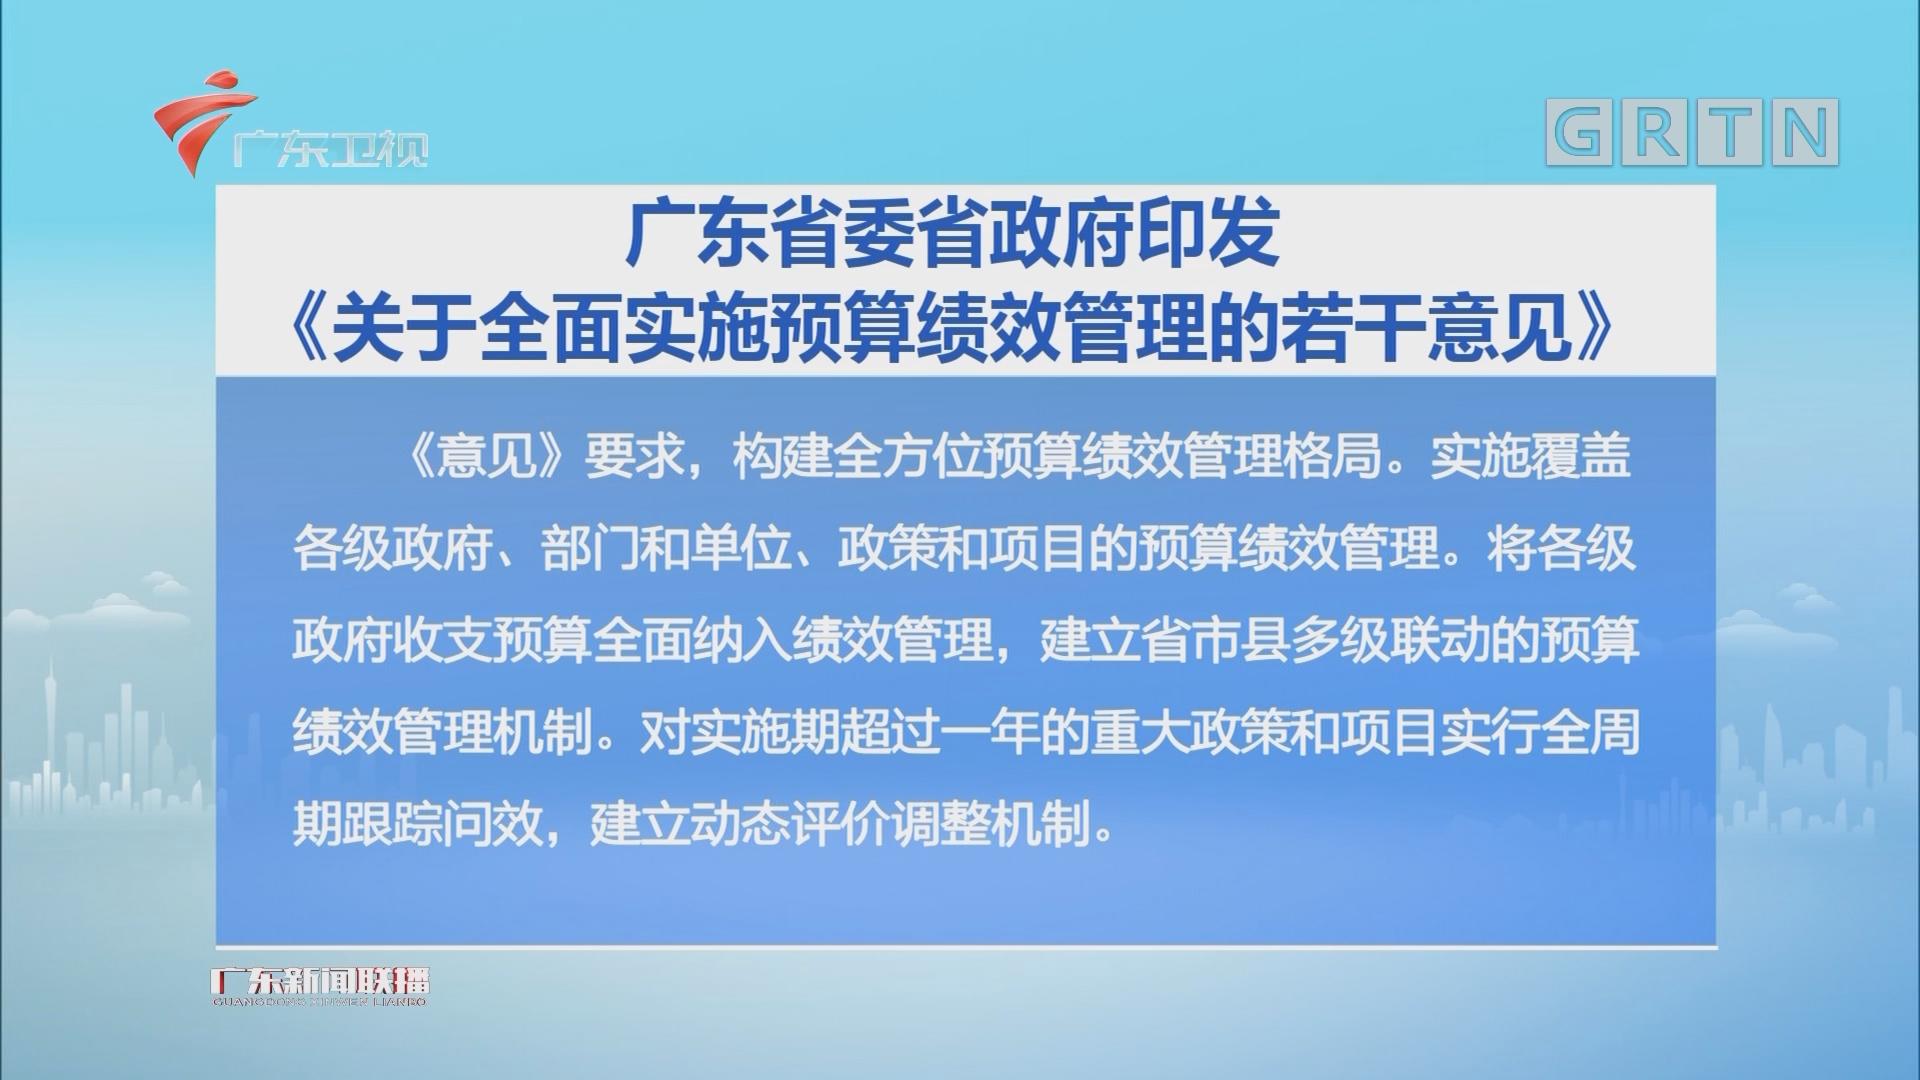 广东省委省政府印发《关于全面实施预算绩效管理的若干意见》